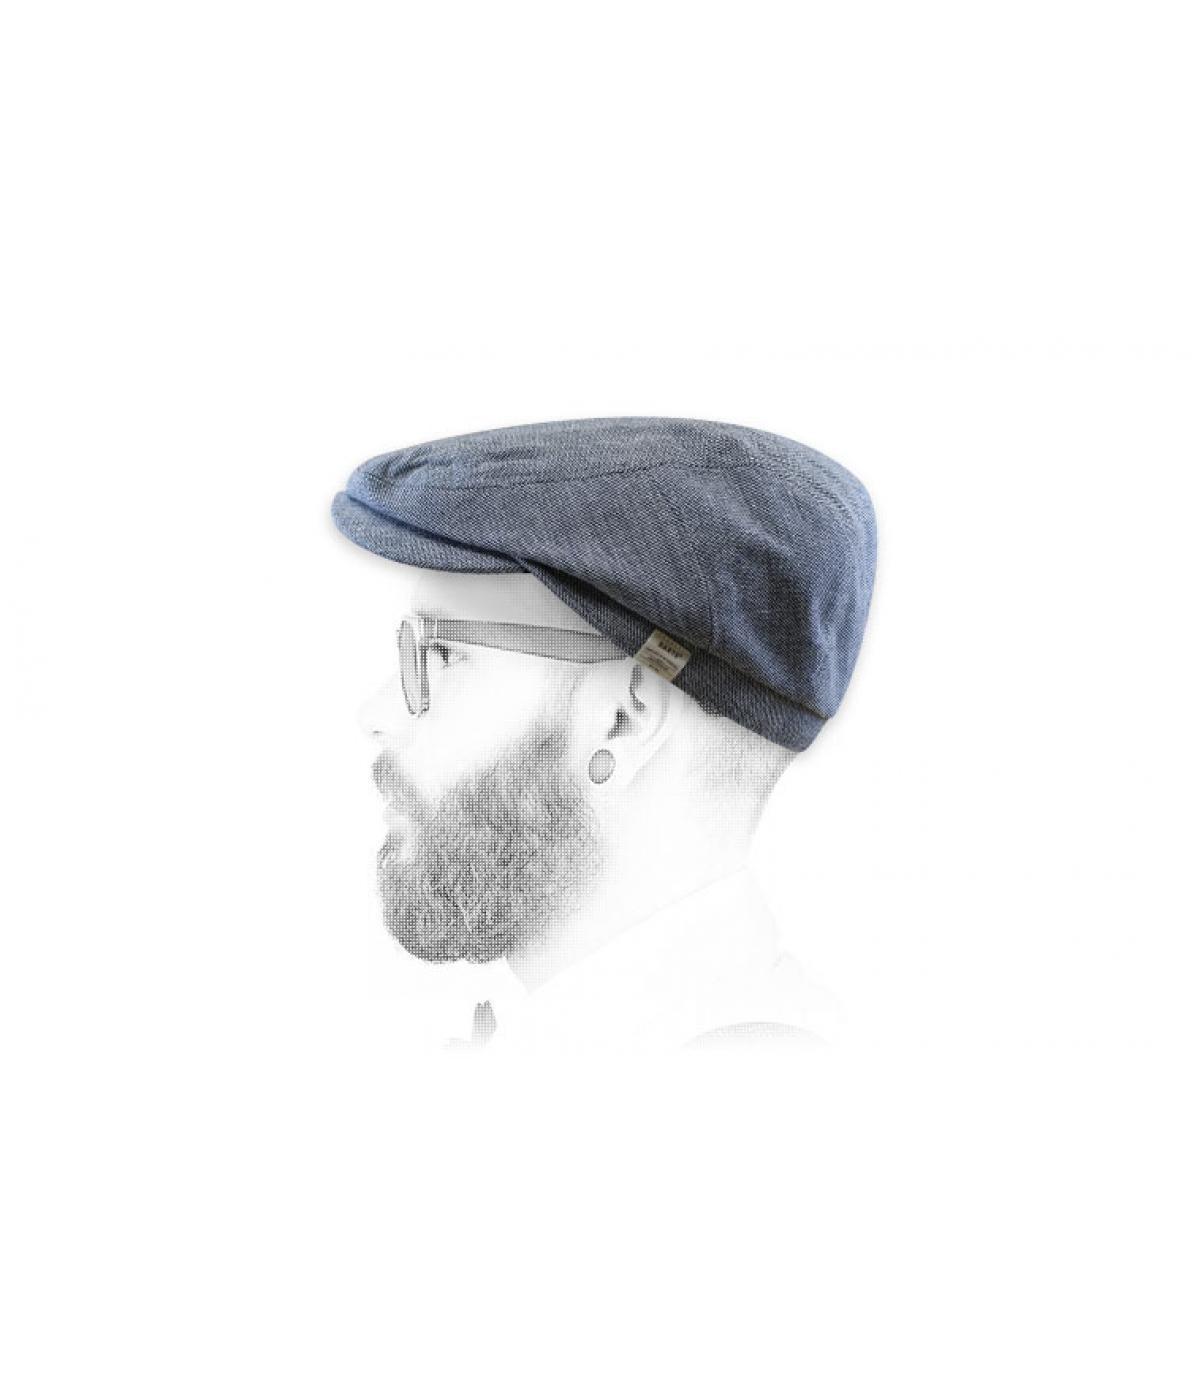 blauwe linnen katoenen baret